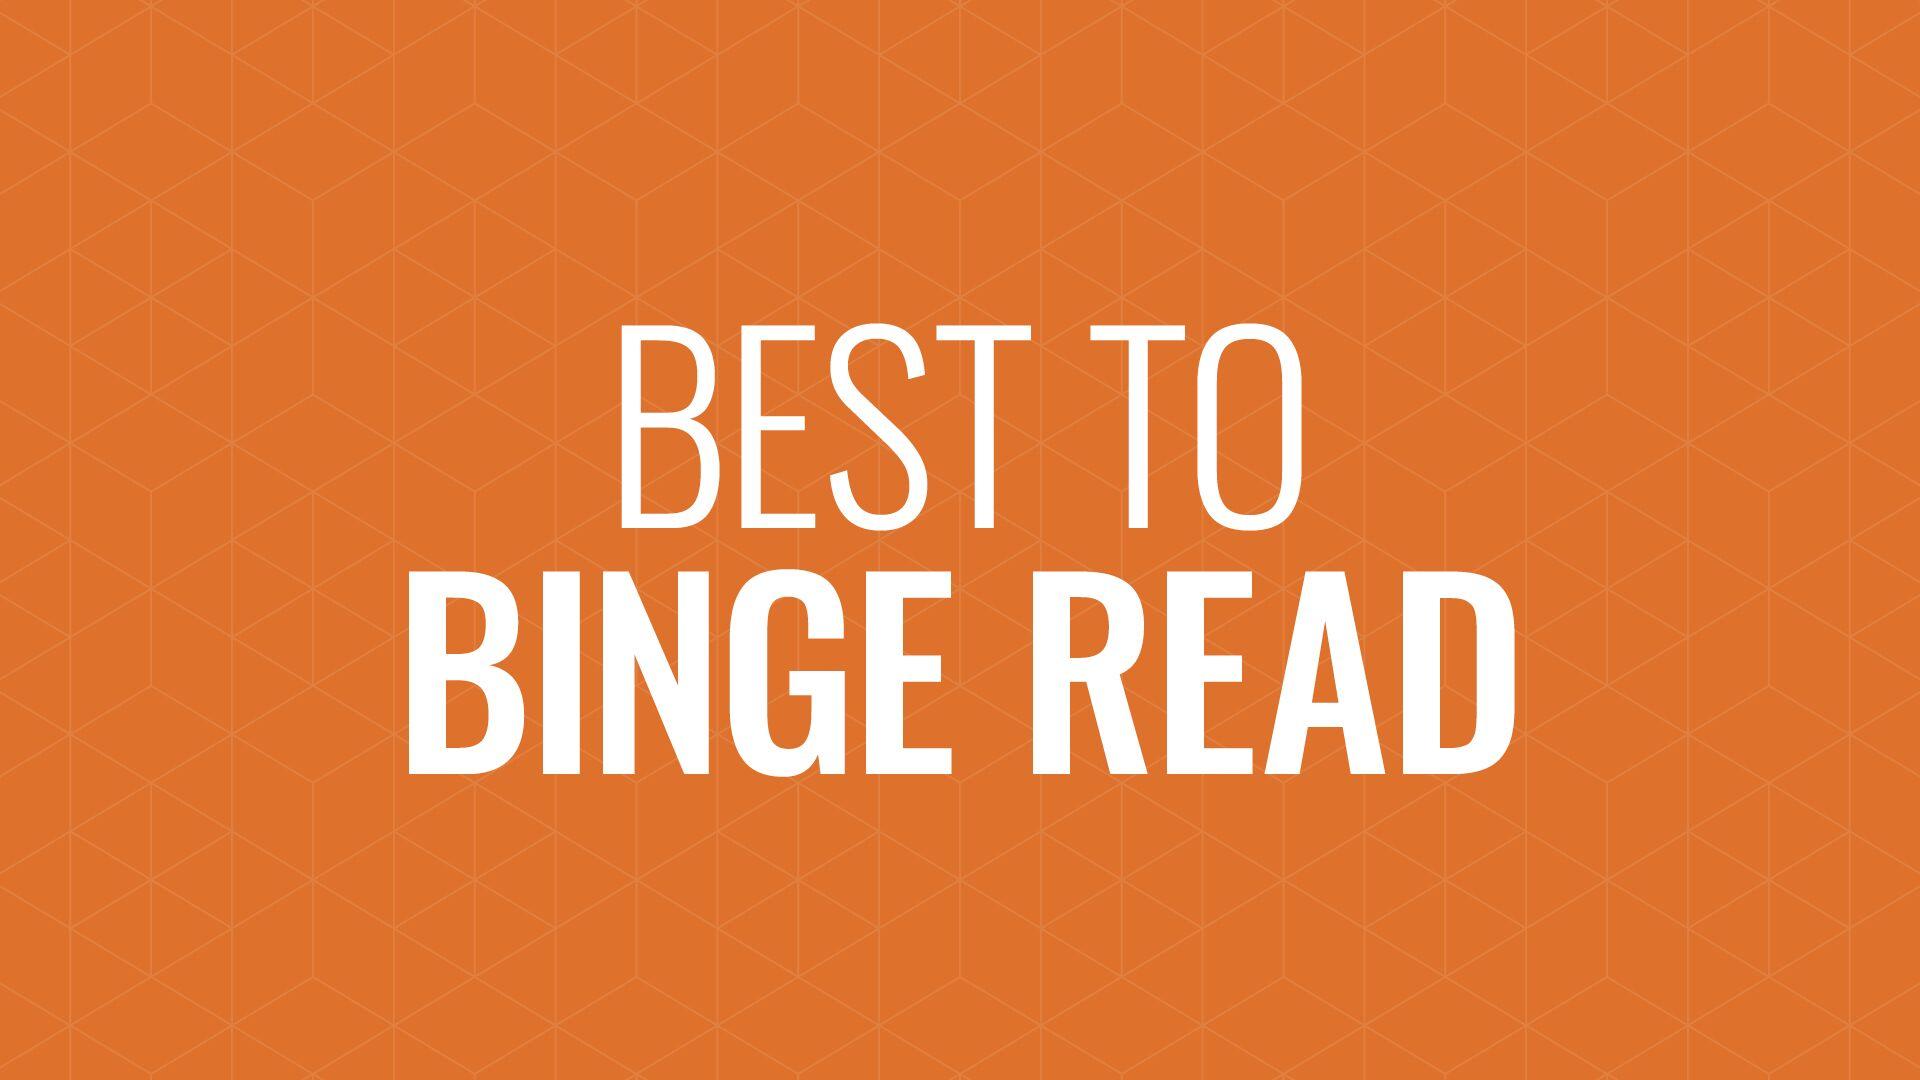 Best to Binge Read Hero Image